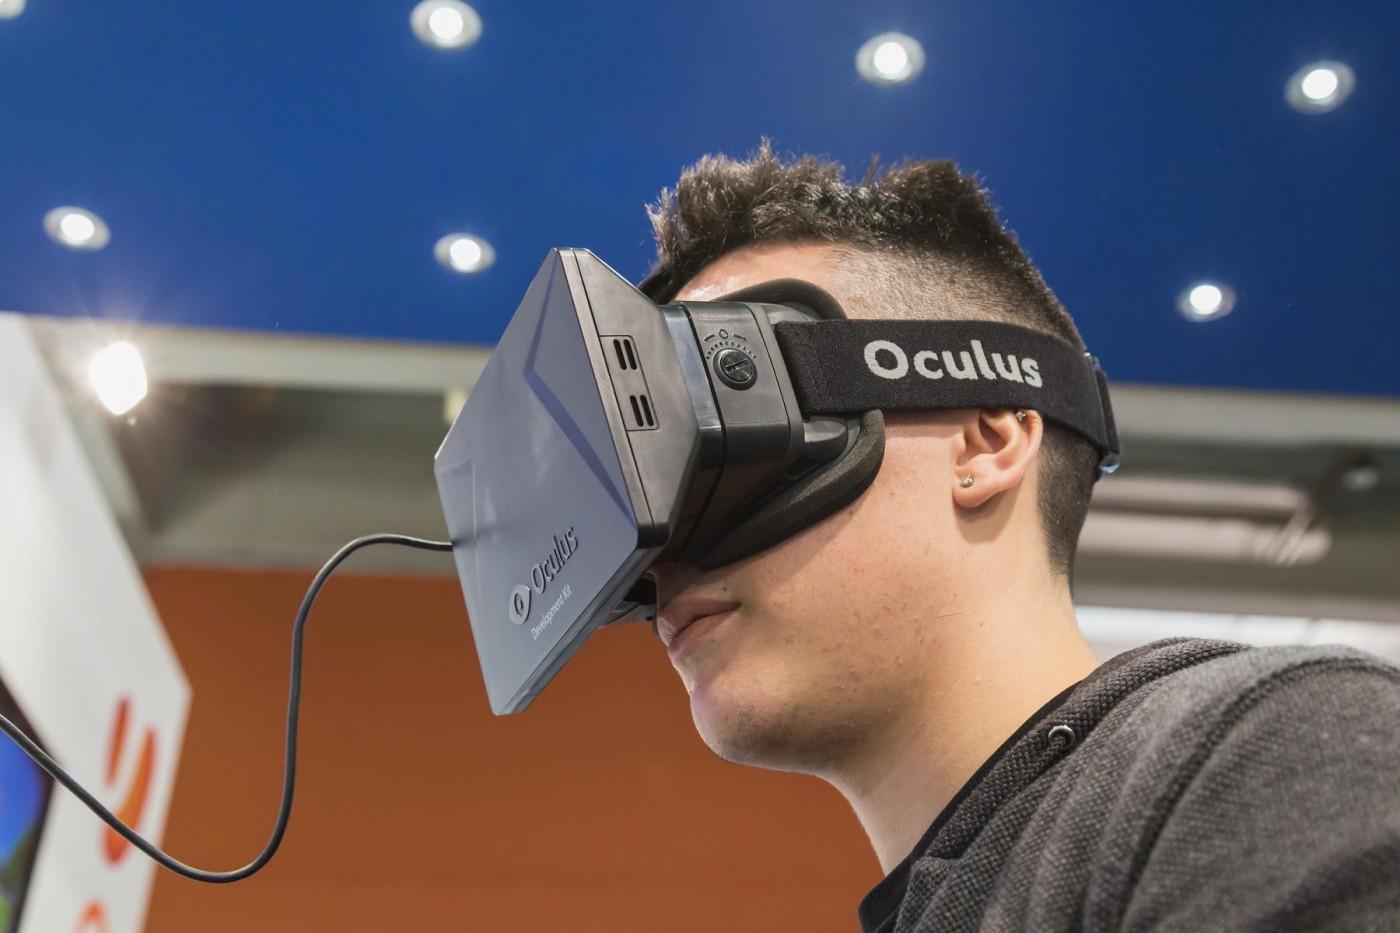 VR慢熱?為什麼HTC Vive、Oculus都選在這時降價了?